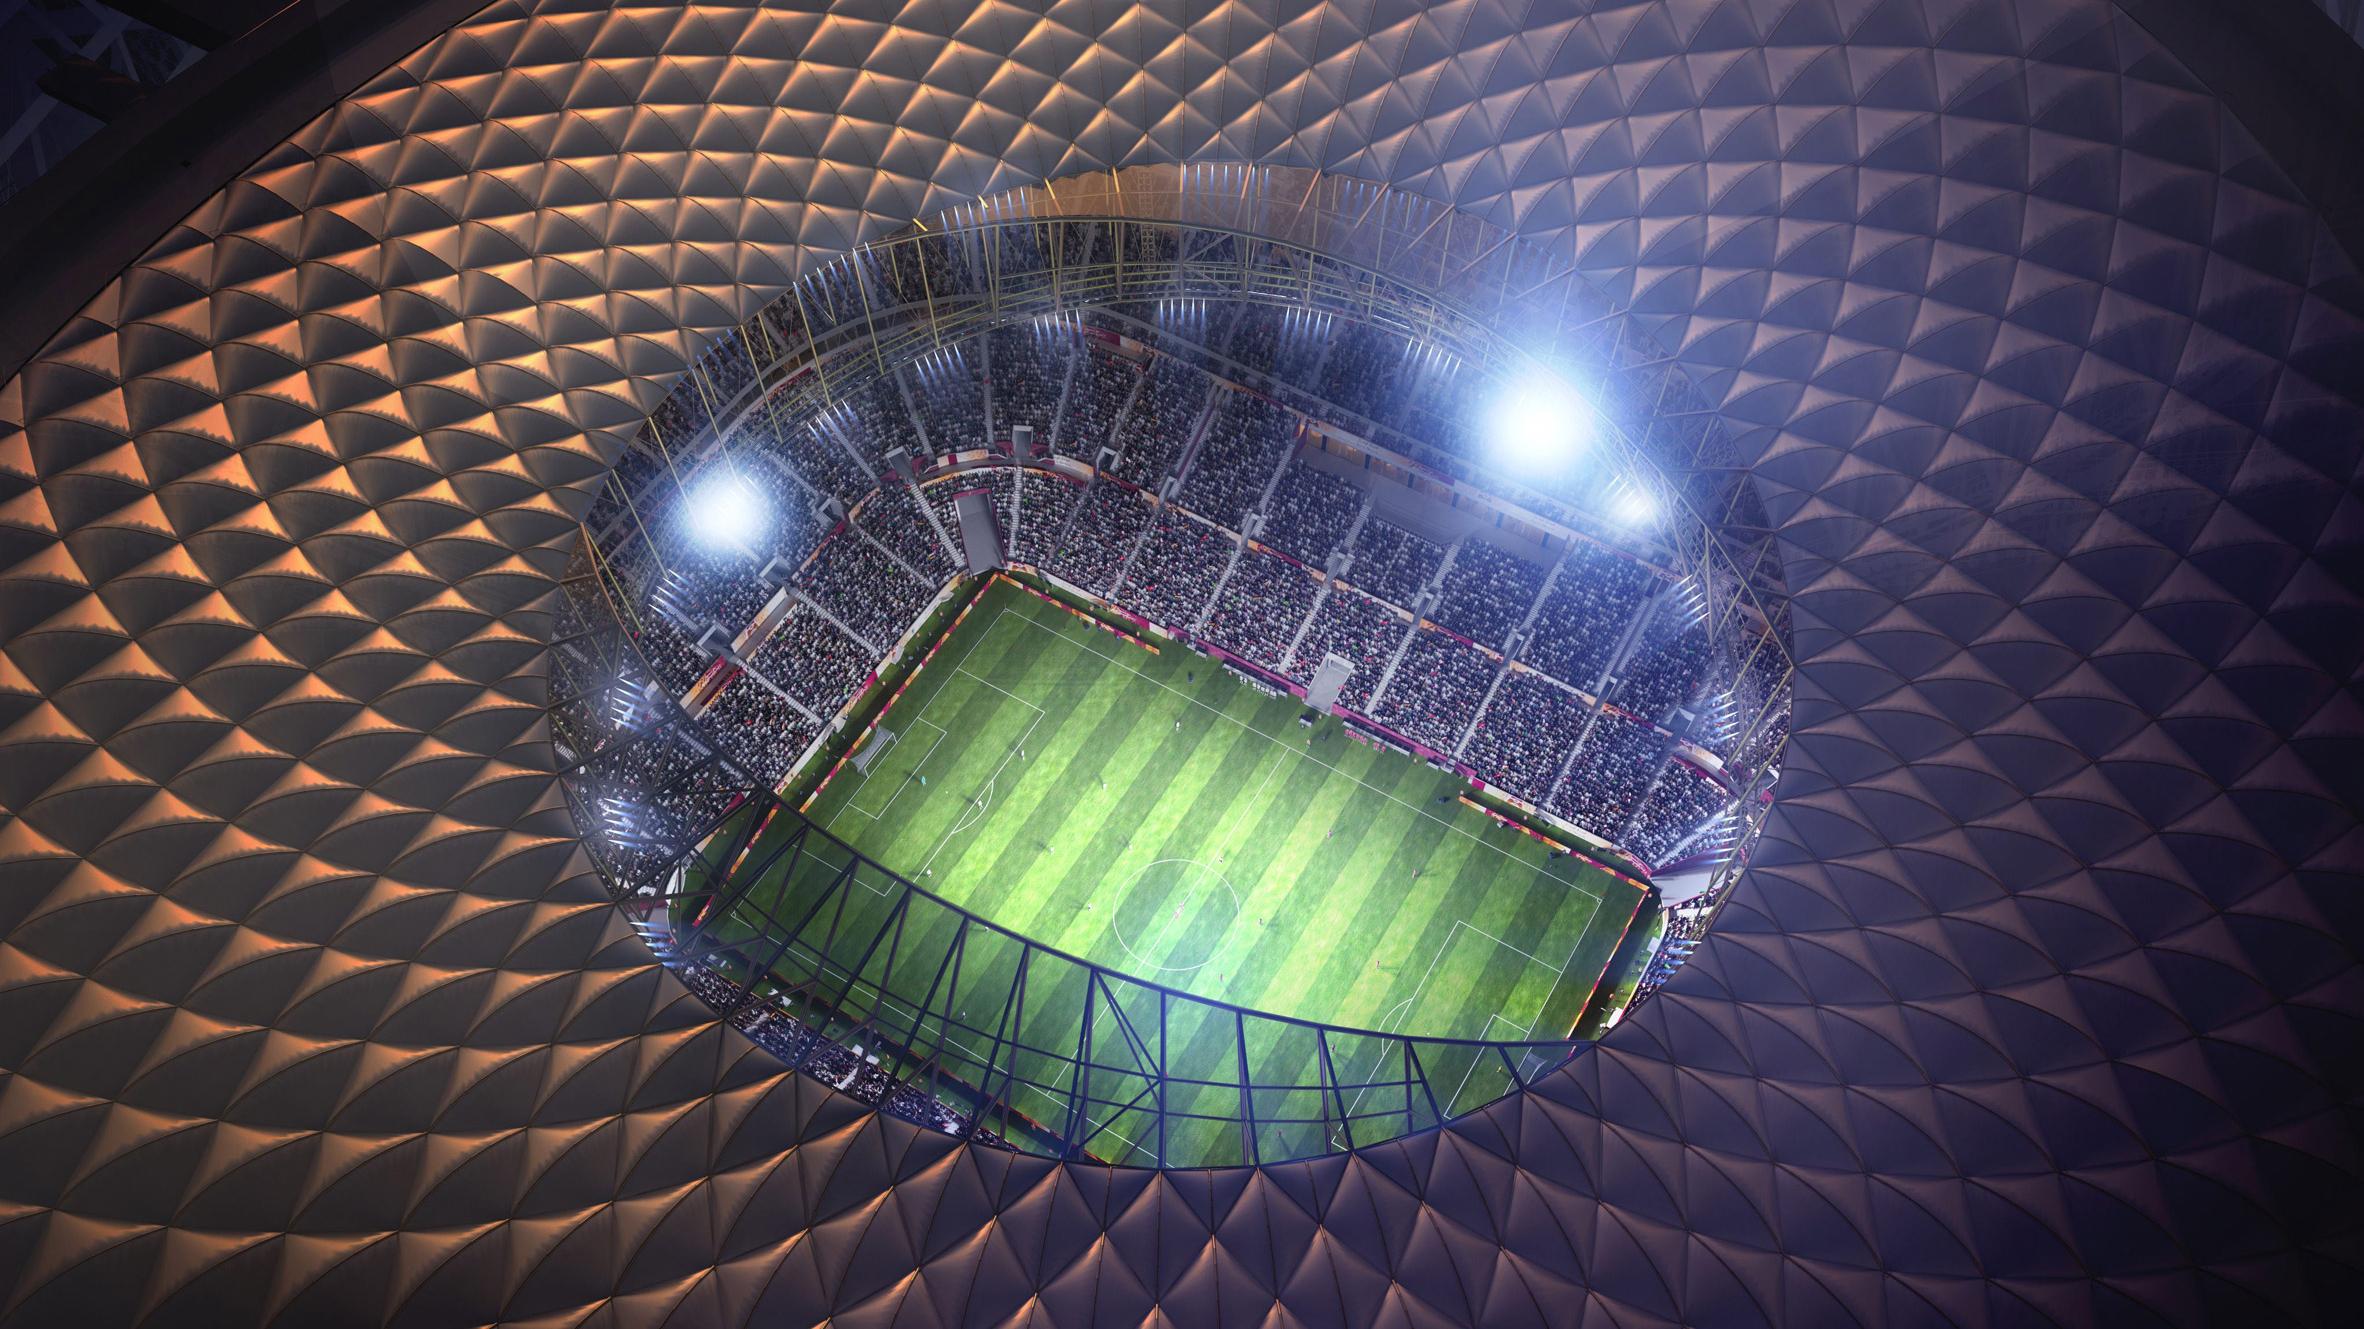 Foster Partners Designs Golden Stadium For Qatar World Cup Final